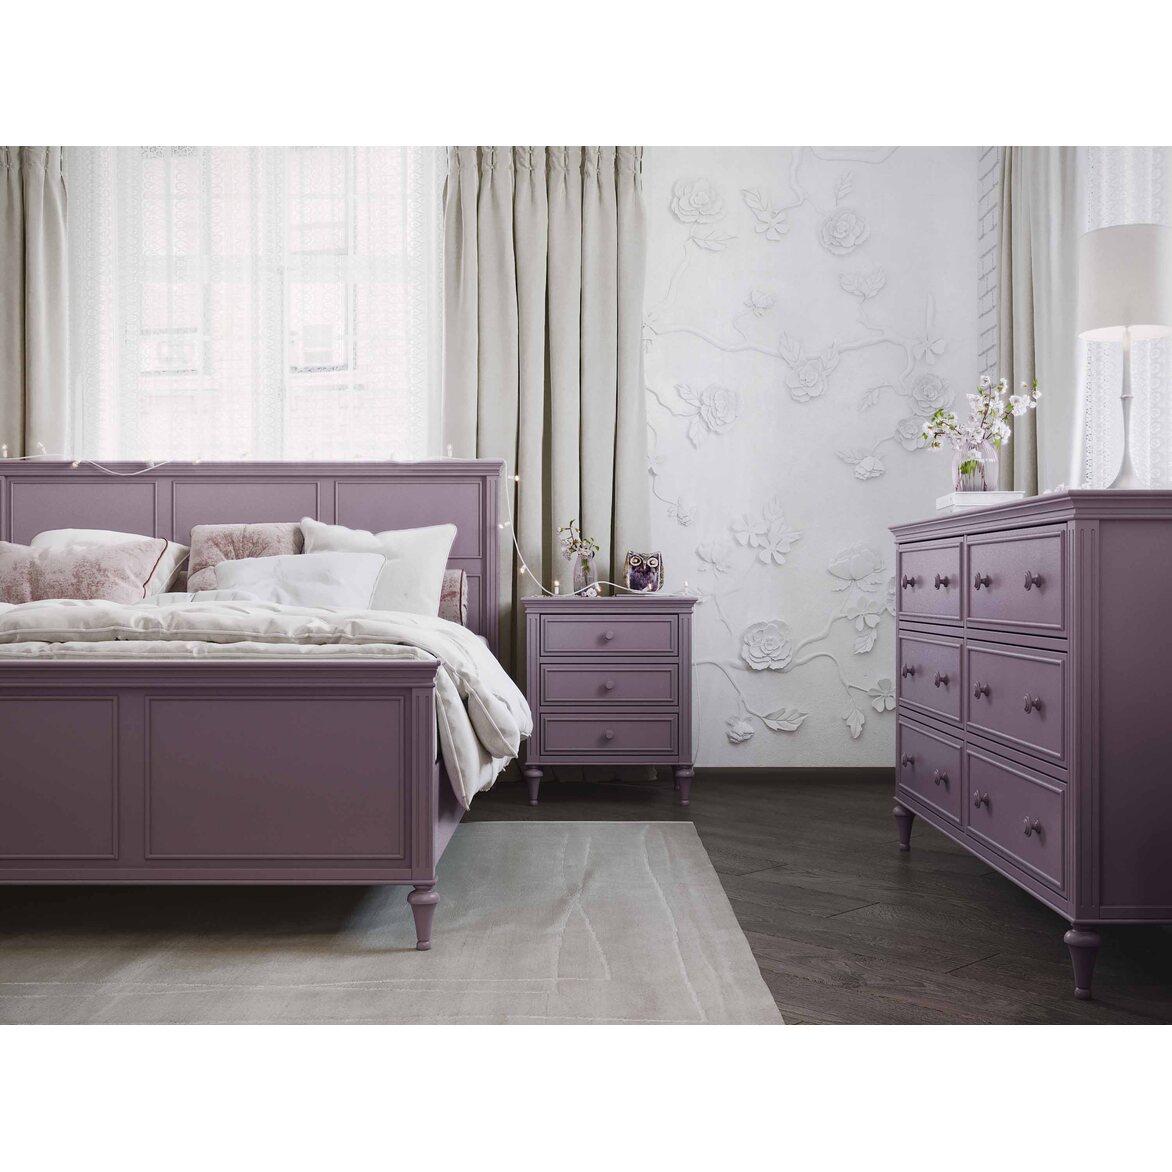 Кровать 160*200 Riverdi, орхидея 7 | Двуспальные кровати Kingsby